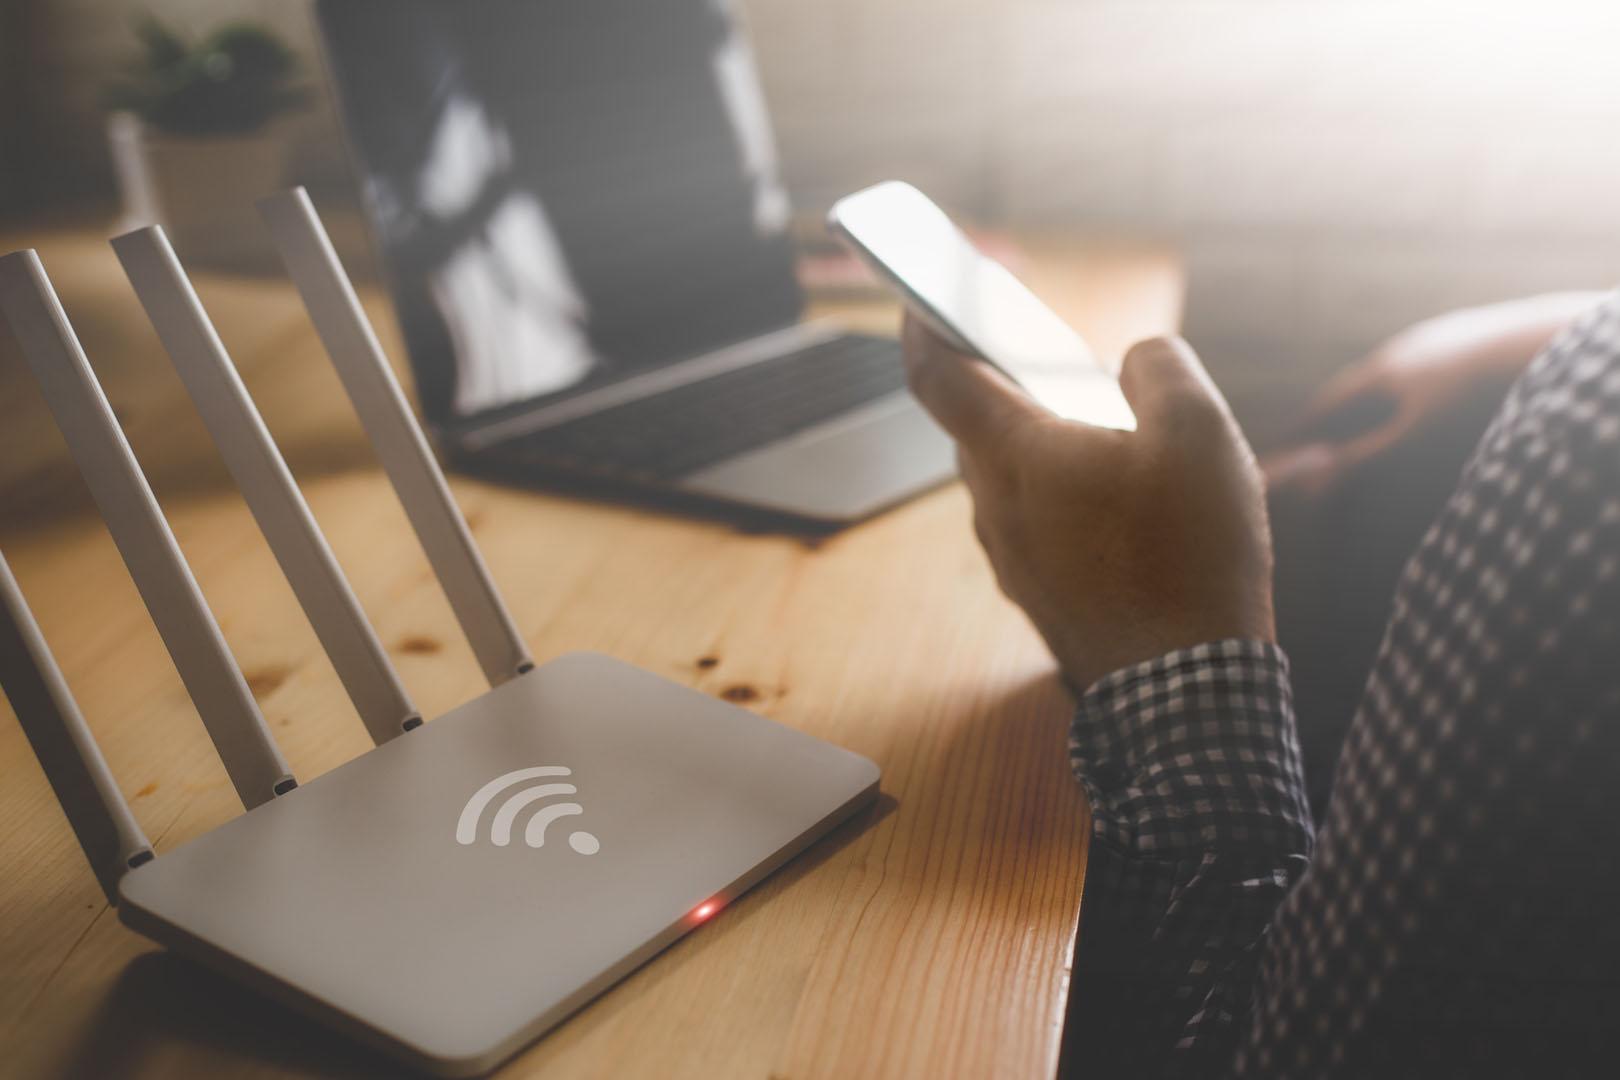 Raskere internett? Oppgradering uten risiko